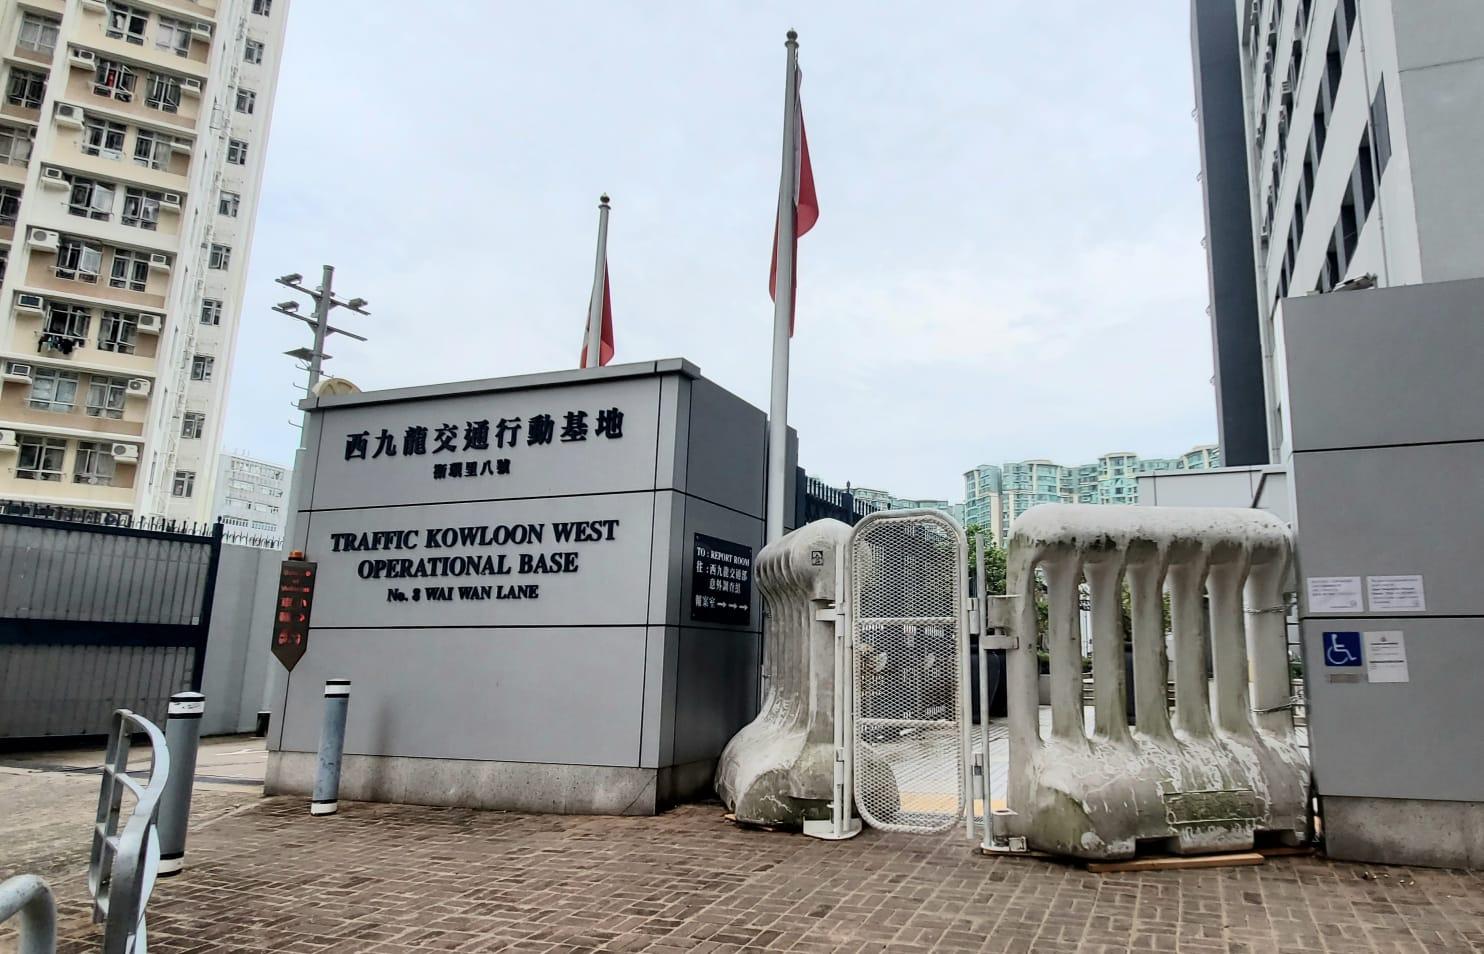 位於紅磡的西九龍交通行動基地外加設水馬。